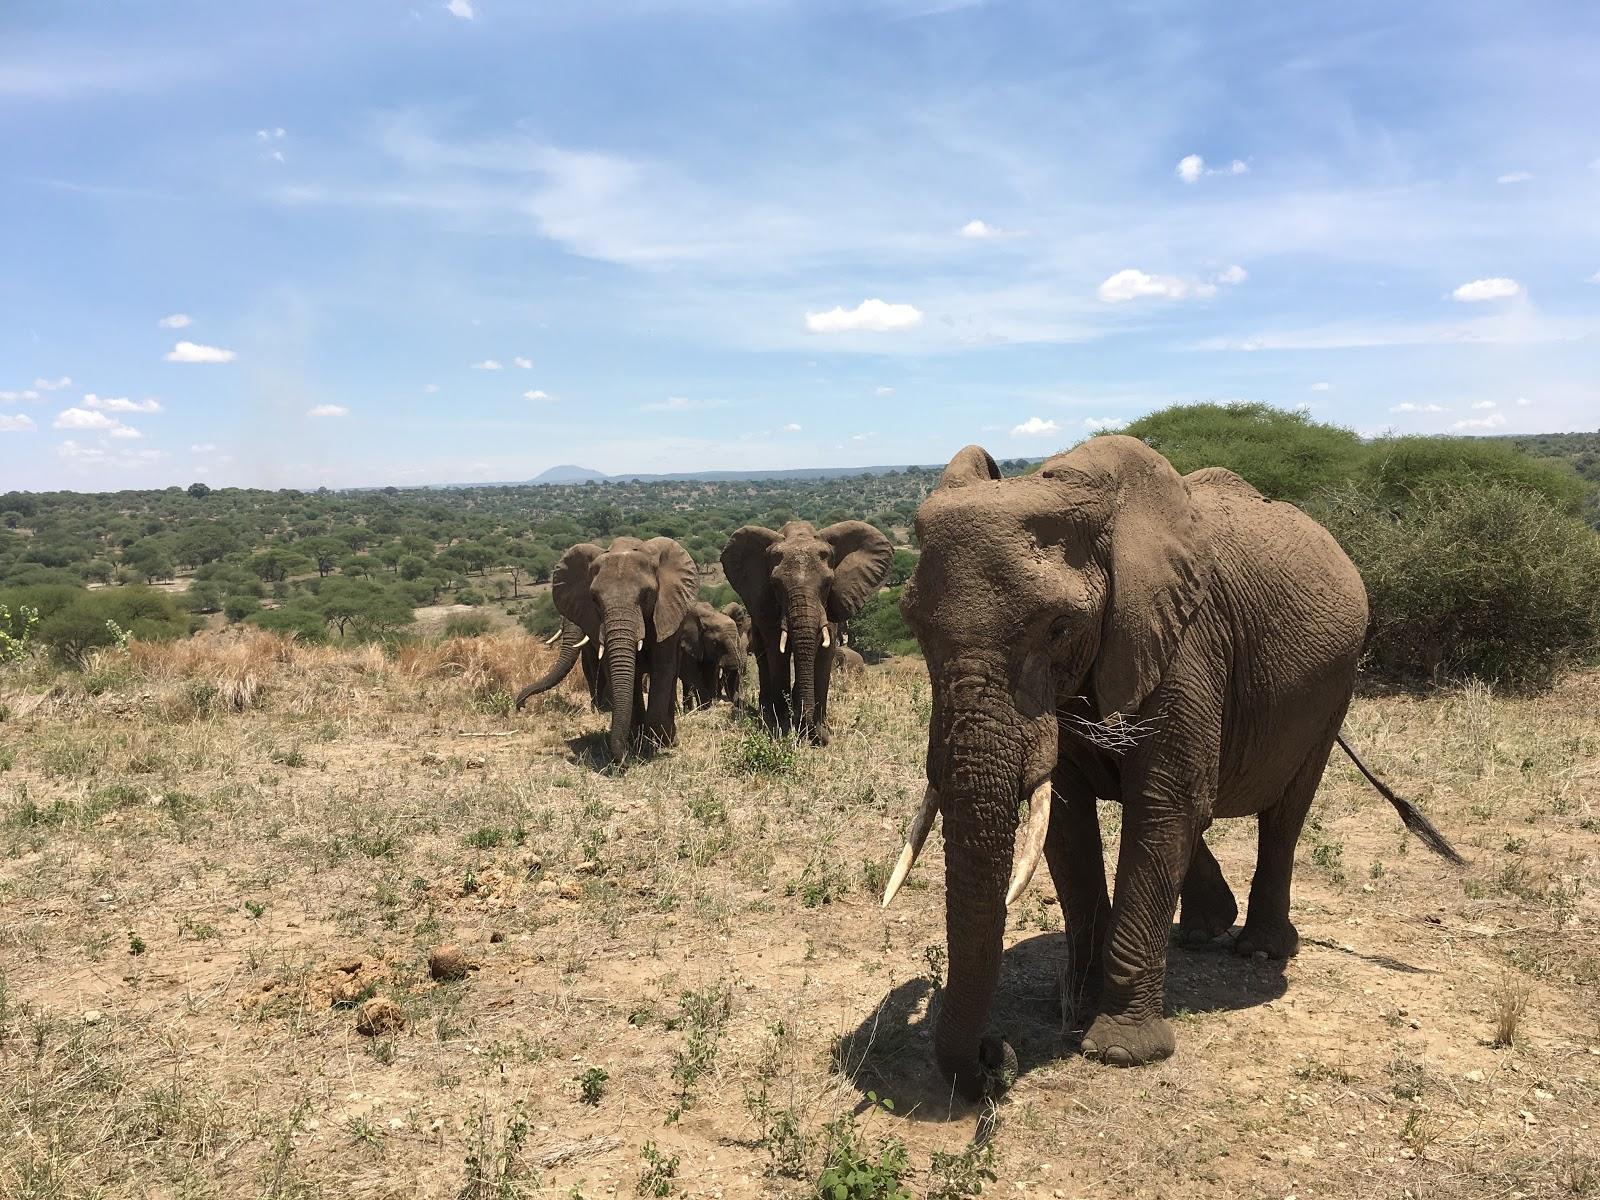 Slonia rodinka, ktorá bola od nás asi 4 metre, národný park Tarangire